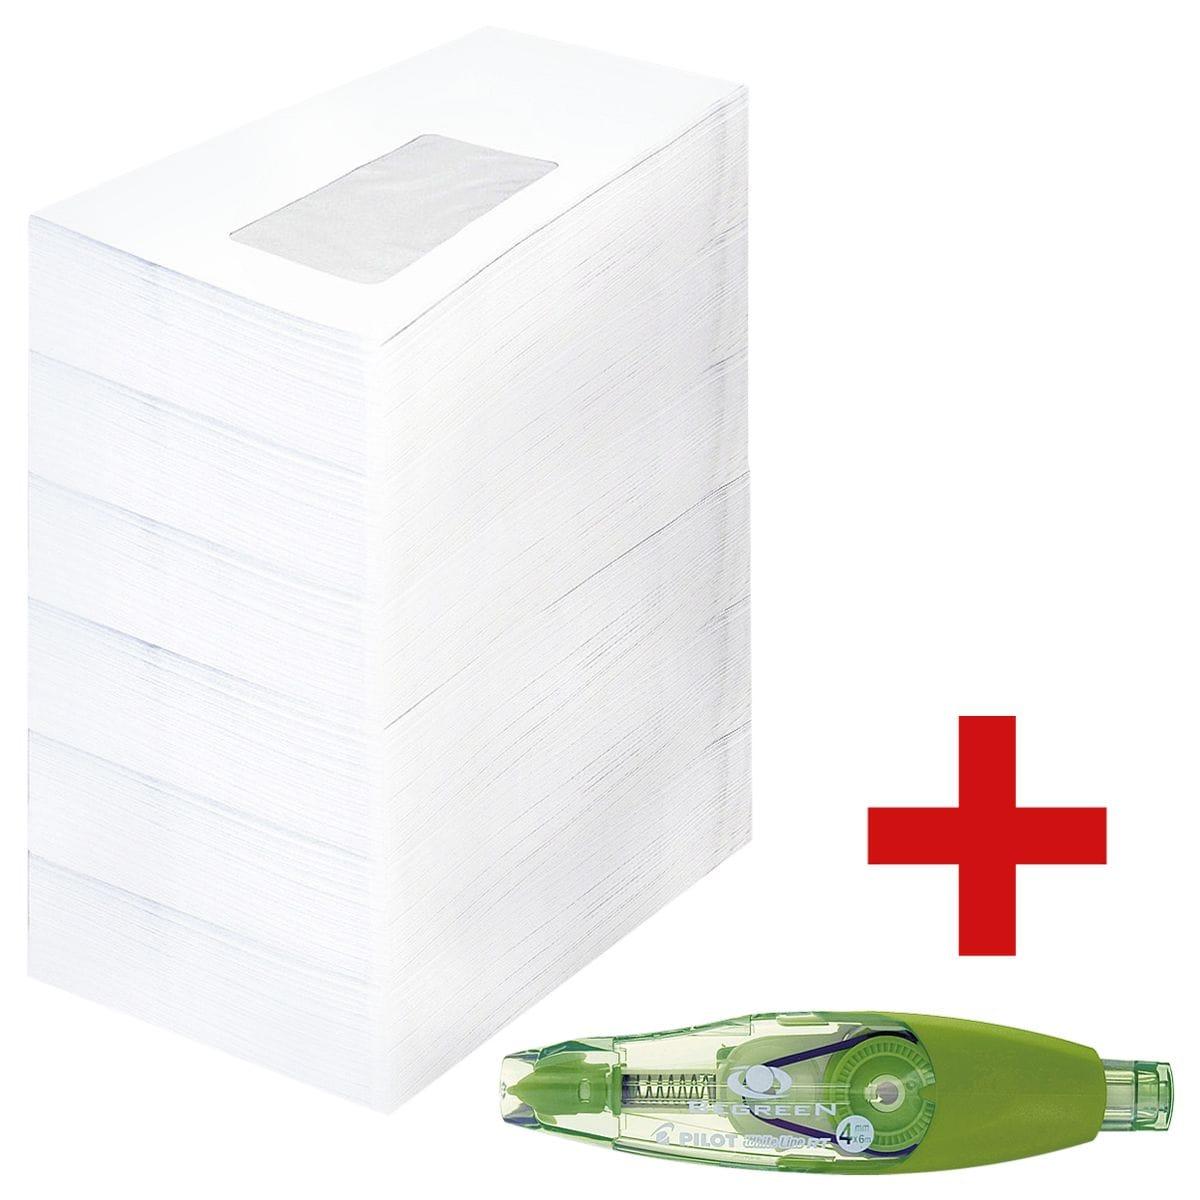 Briefumschläge, DL 75 g/m² mit Fenster - 1000 Stück inkl. Refill-Korrekturroller »Whiteline RT BeGreen«